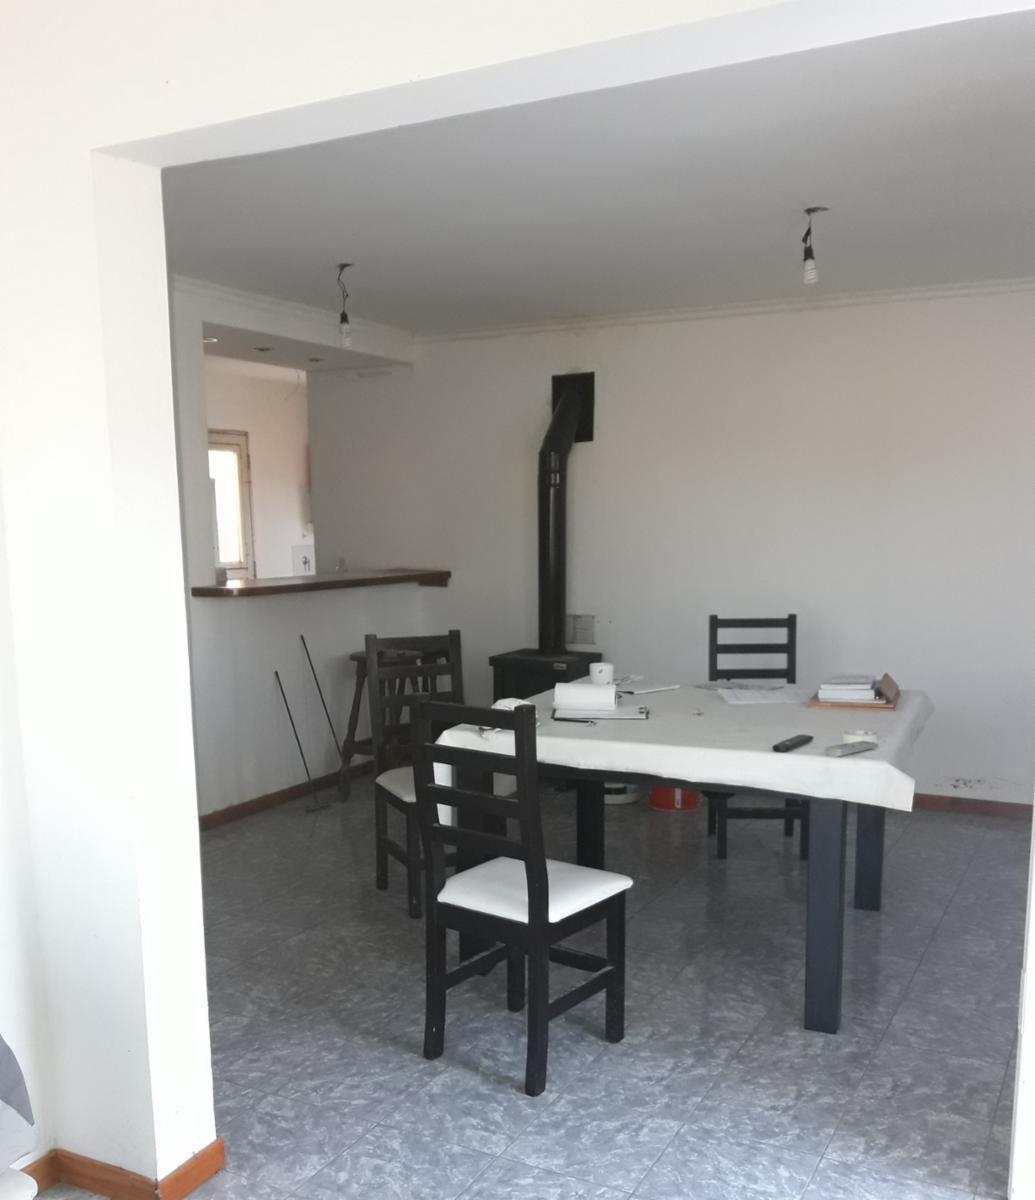 MUY LINDA CASA ZONA RECREO MERCANTIL, Guillermo Sanchez Desarrollos Inmobiliarios